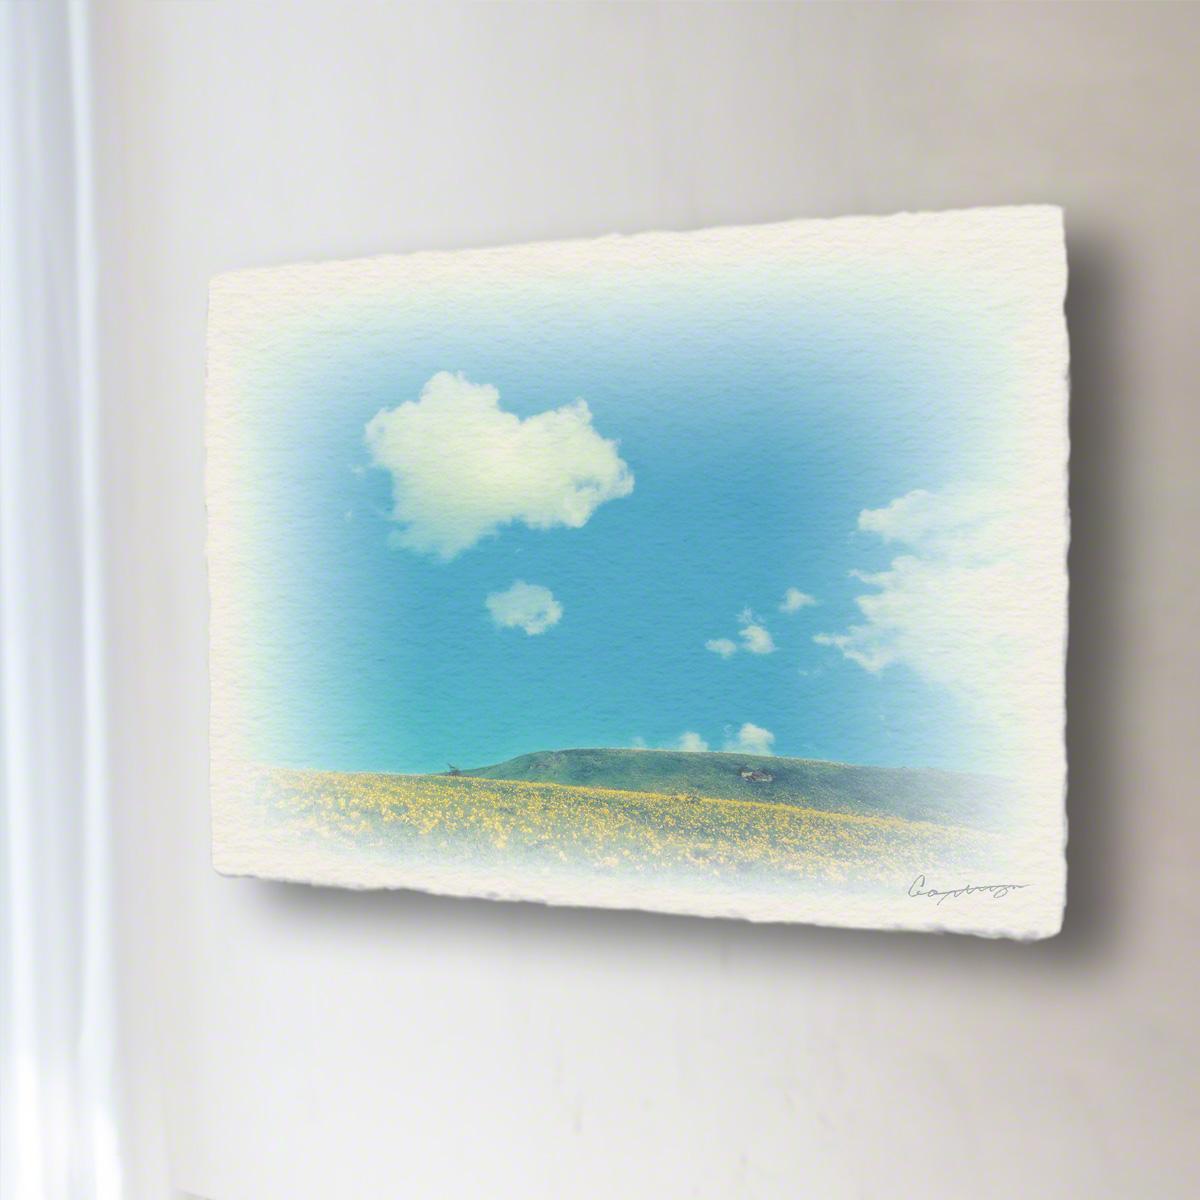 和紙 手作り アートパネル 「青い空と白い雲とニッコウキスゲの丘」(72x54cm) 絵画 絵 ポスター 壁掛け モダン アート 和風 オリジナル インテリア 風景画 ランキング おすすめ おしゃれ 人気 キッチン リビング ダイニング 玄関 和室